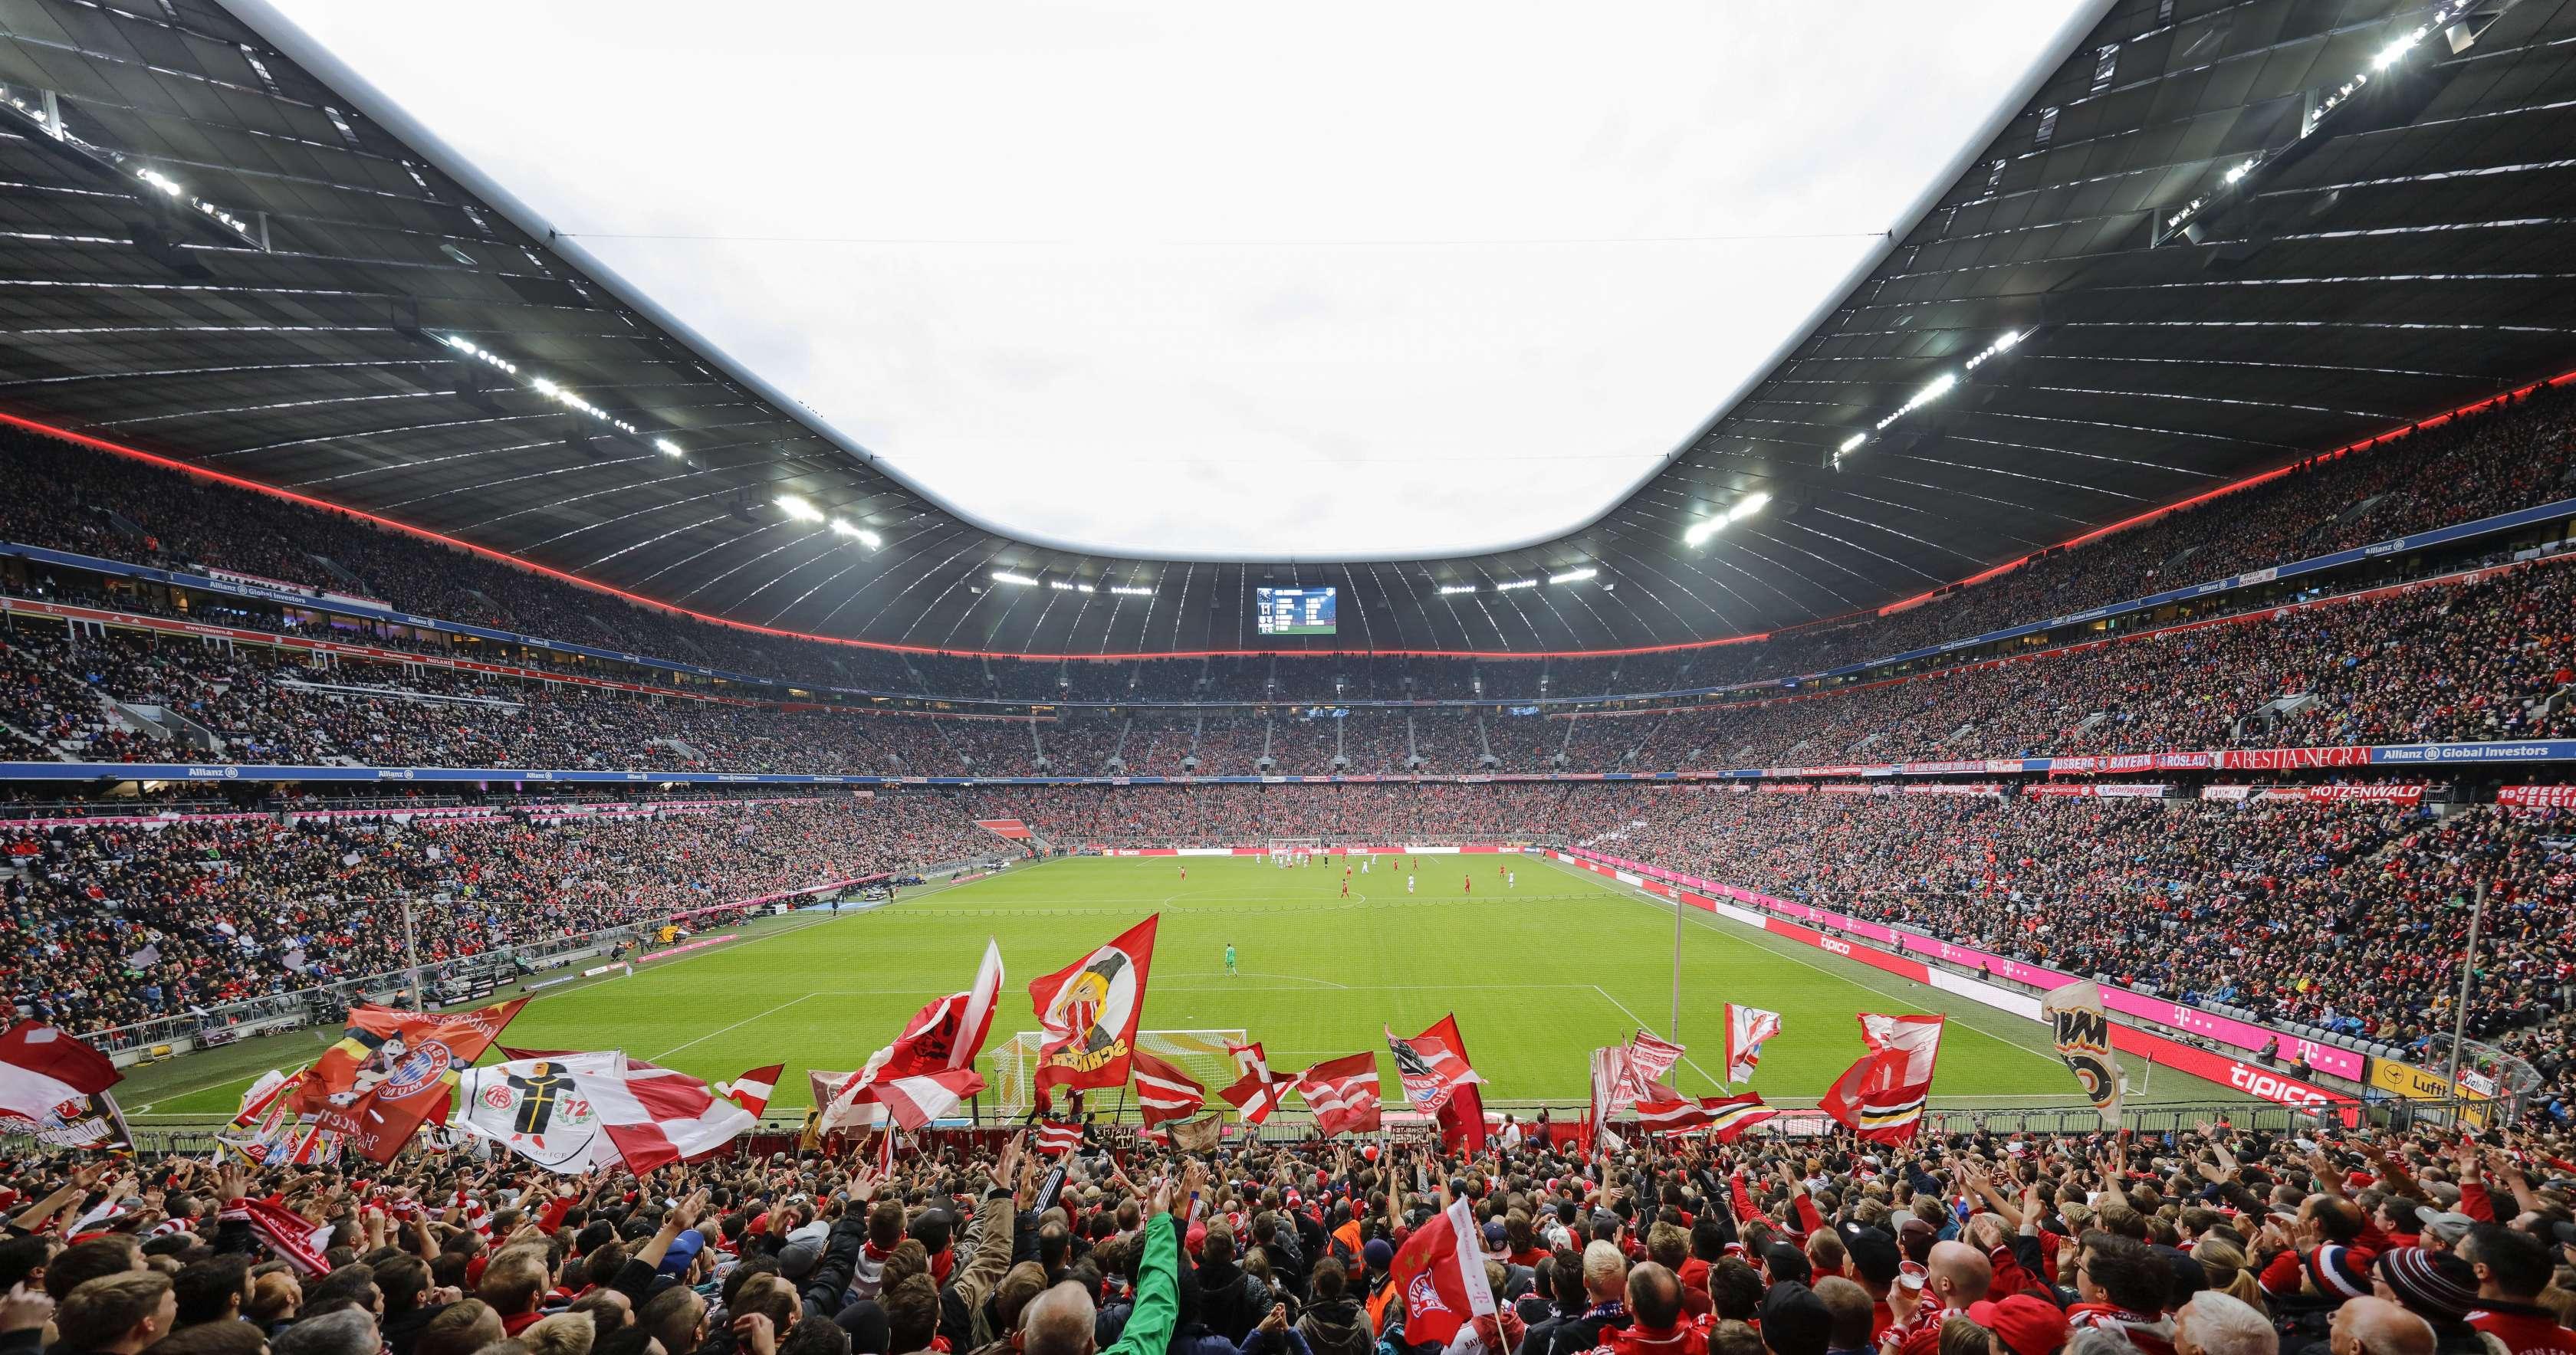 Eventsituation im Fußballstadion Allianz Arena